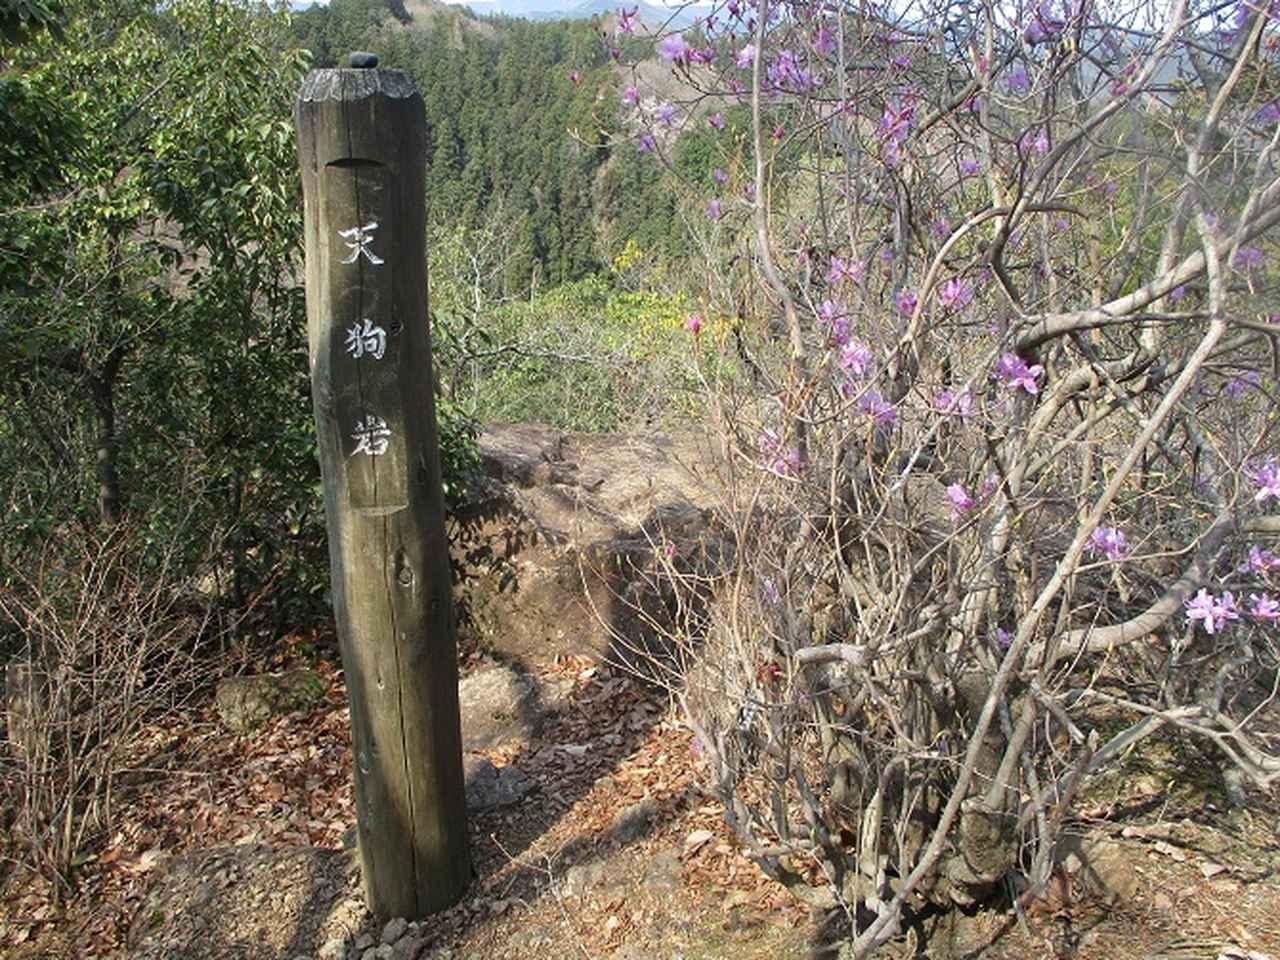 画像6: 4月の山旅会 「天狗岩から要害山」 の直前下見報告です!